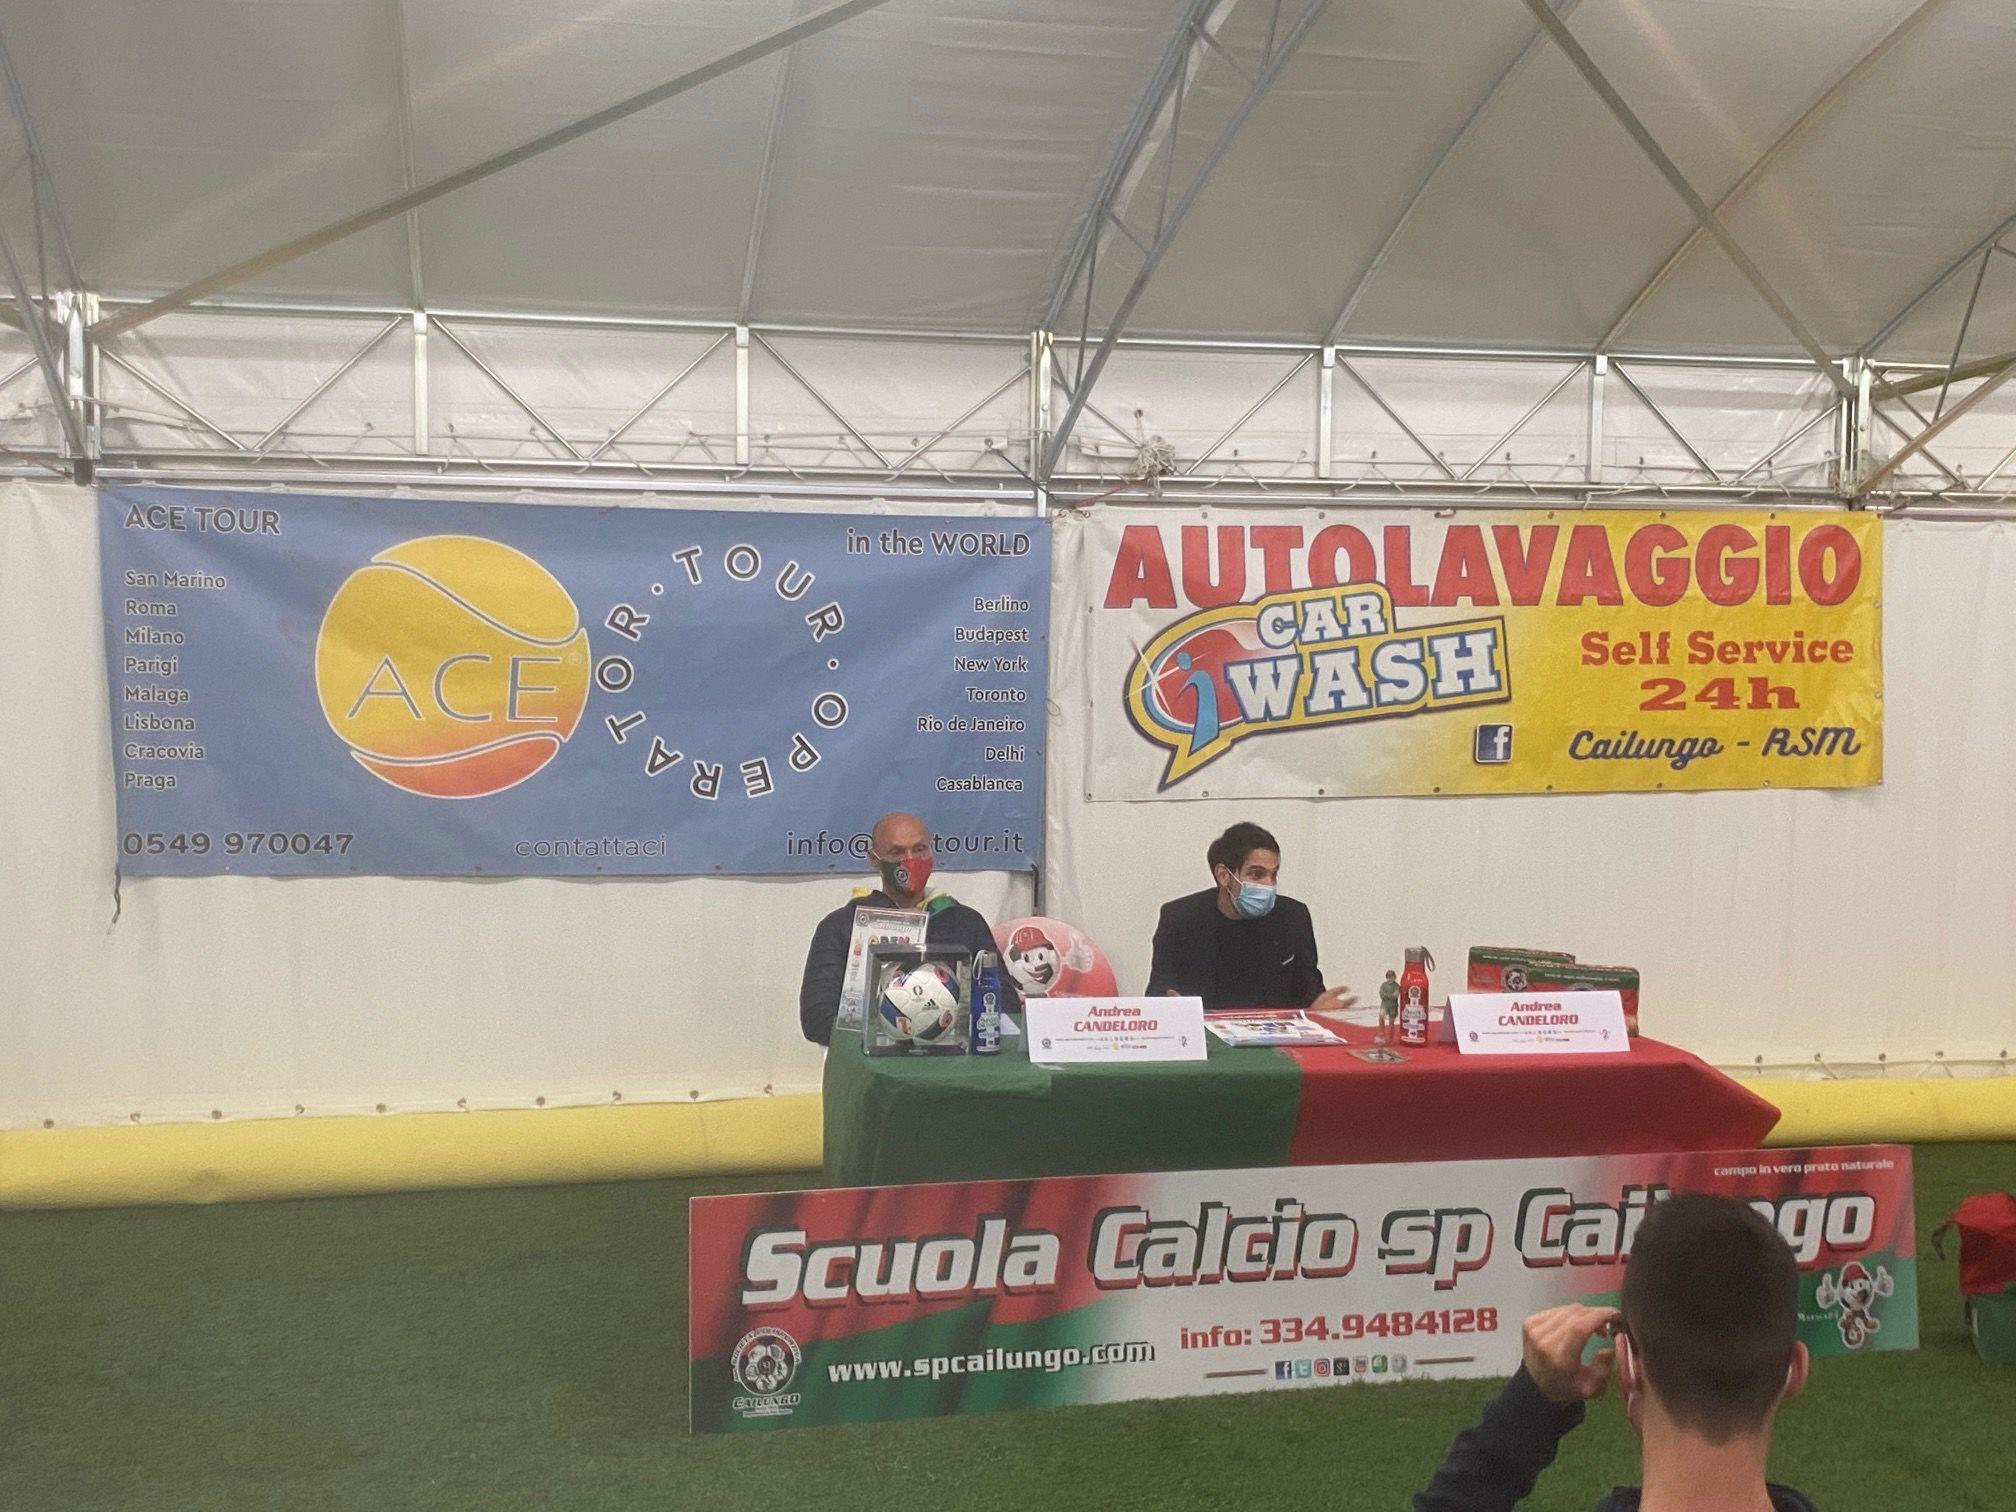 Andrea Candeloro conference presso sp Cailungo